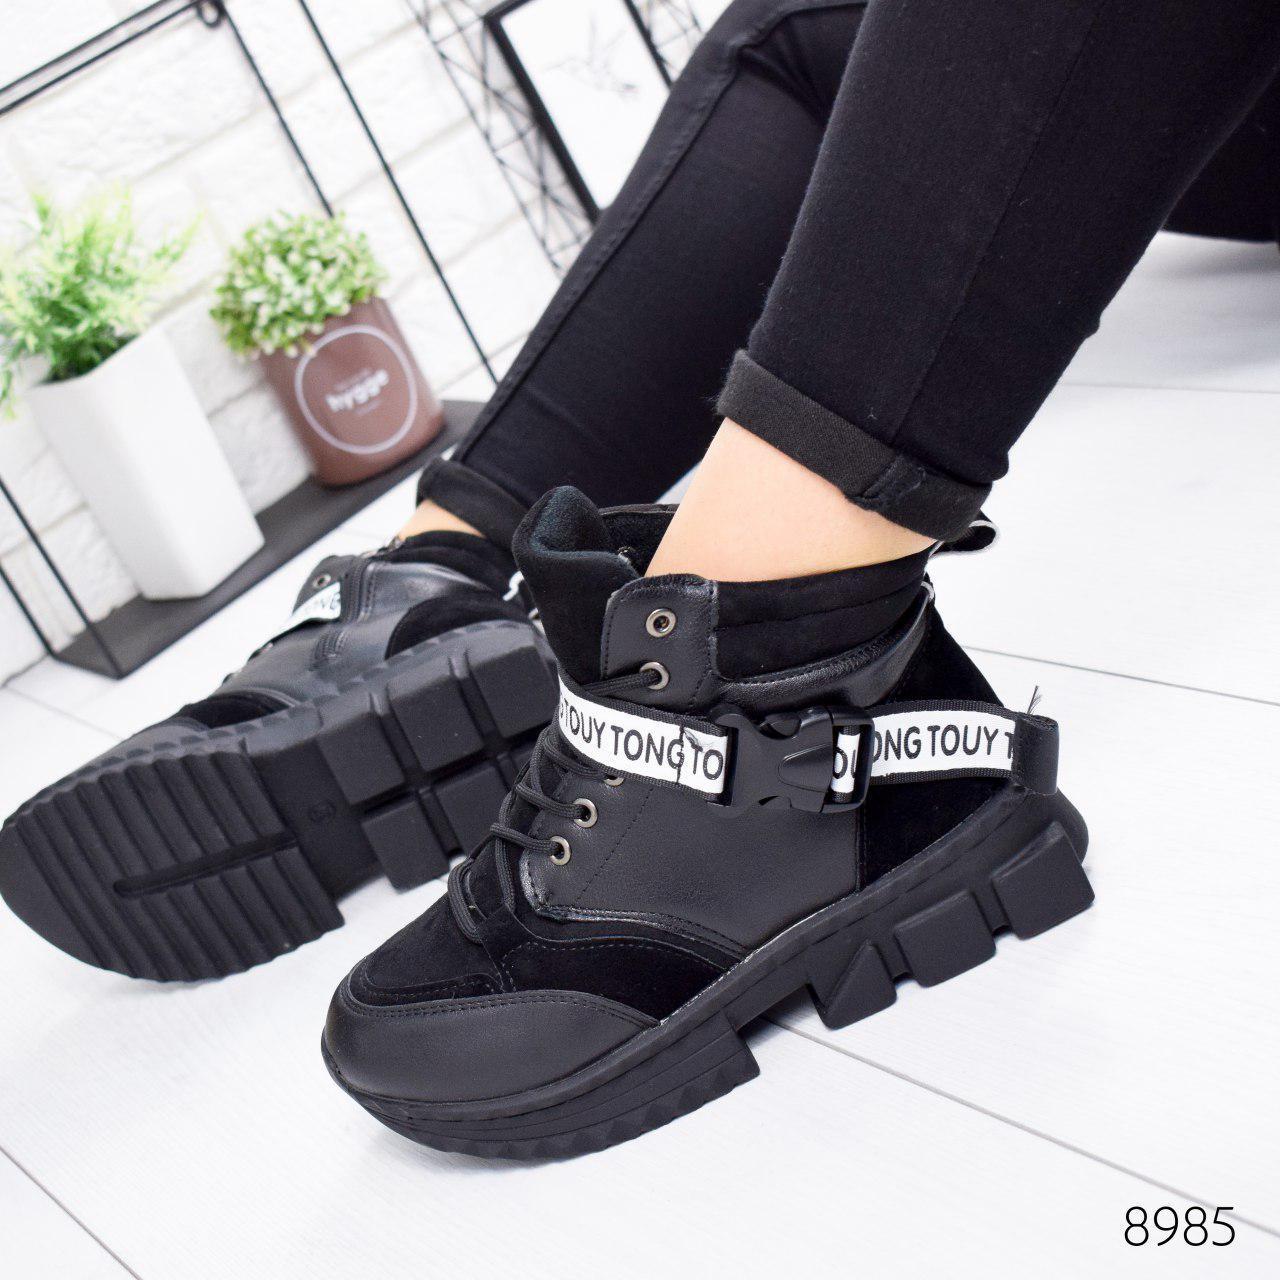 """Ботинки женские зимние, черного цвета из эко кожи """"8985"""". Черевики жіночі. Ботинки теплые"""